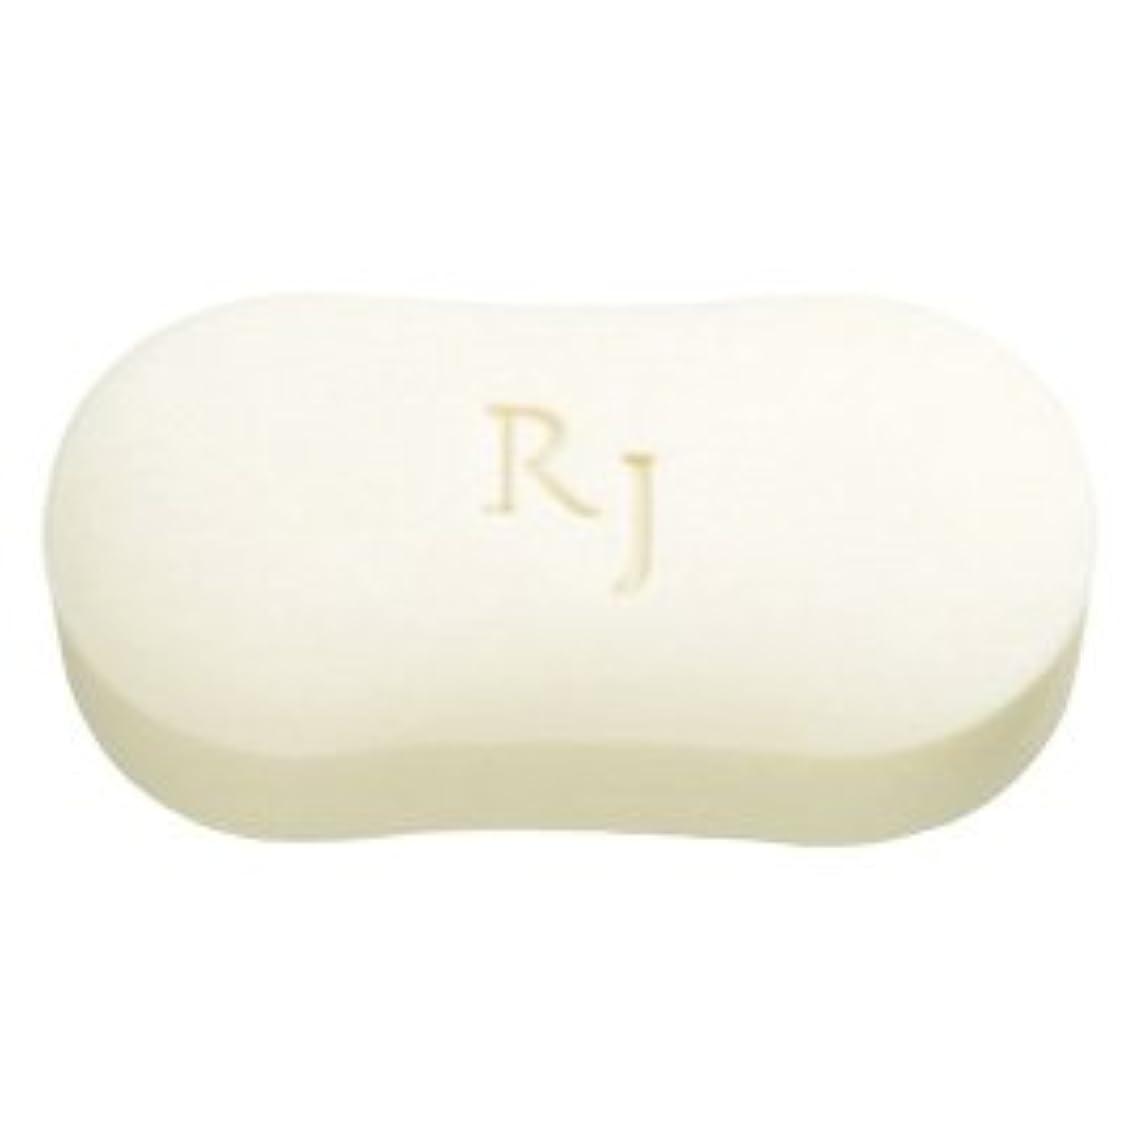 特別に確立いくつかのRJホワイトソープ(洗顔石鹸?ボディソープ) 脂性肌用 120g/Royal Jelly White Soap<120g>